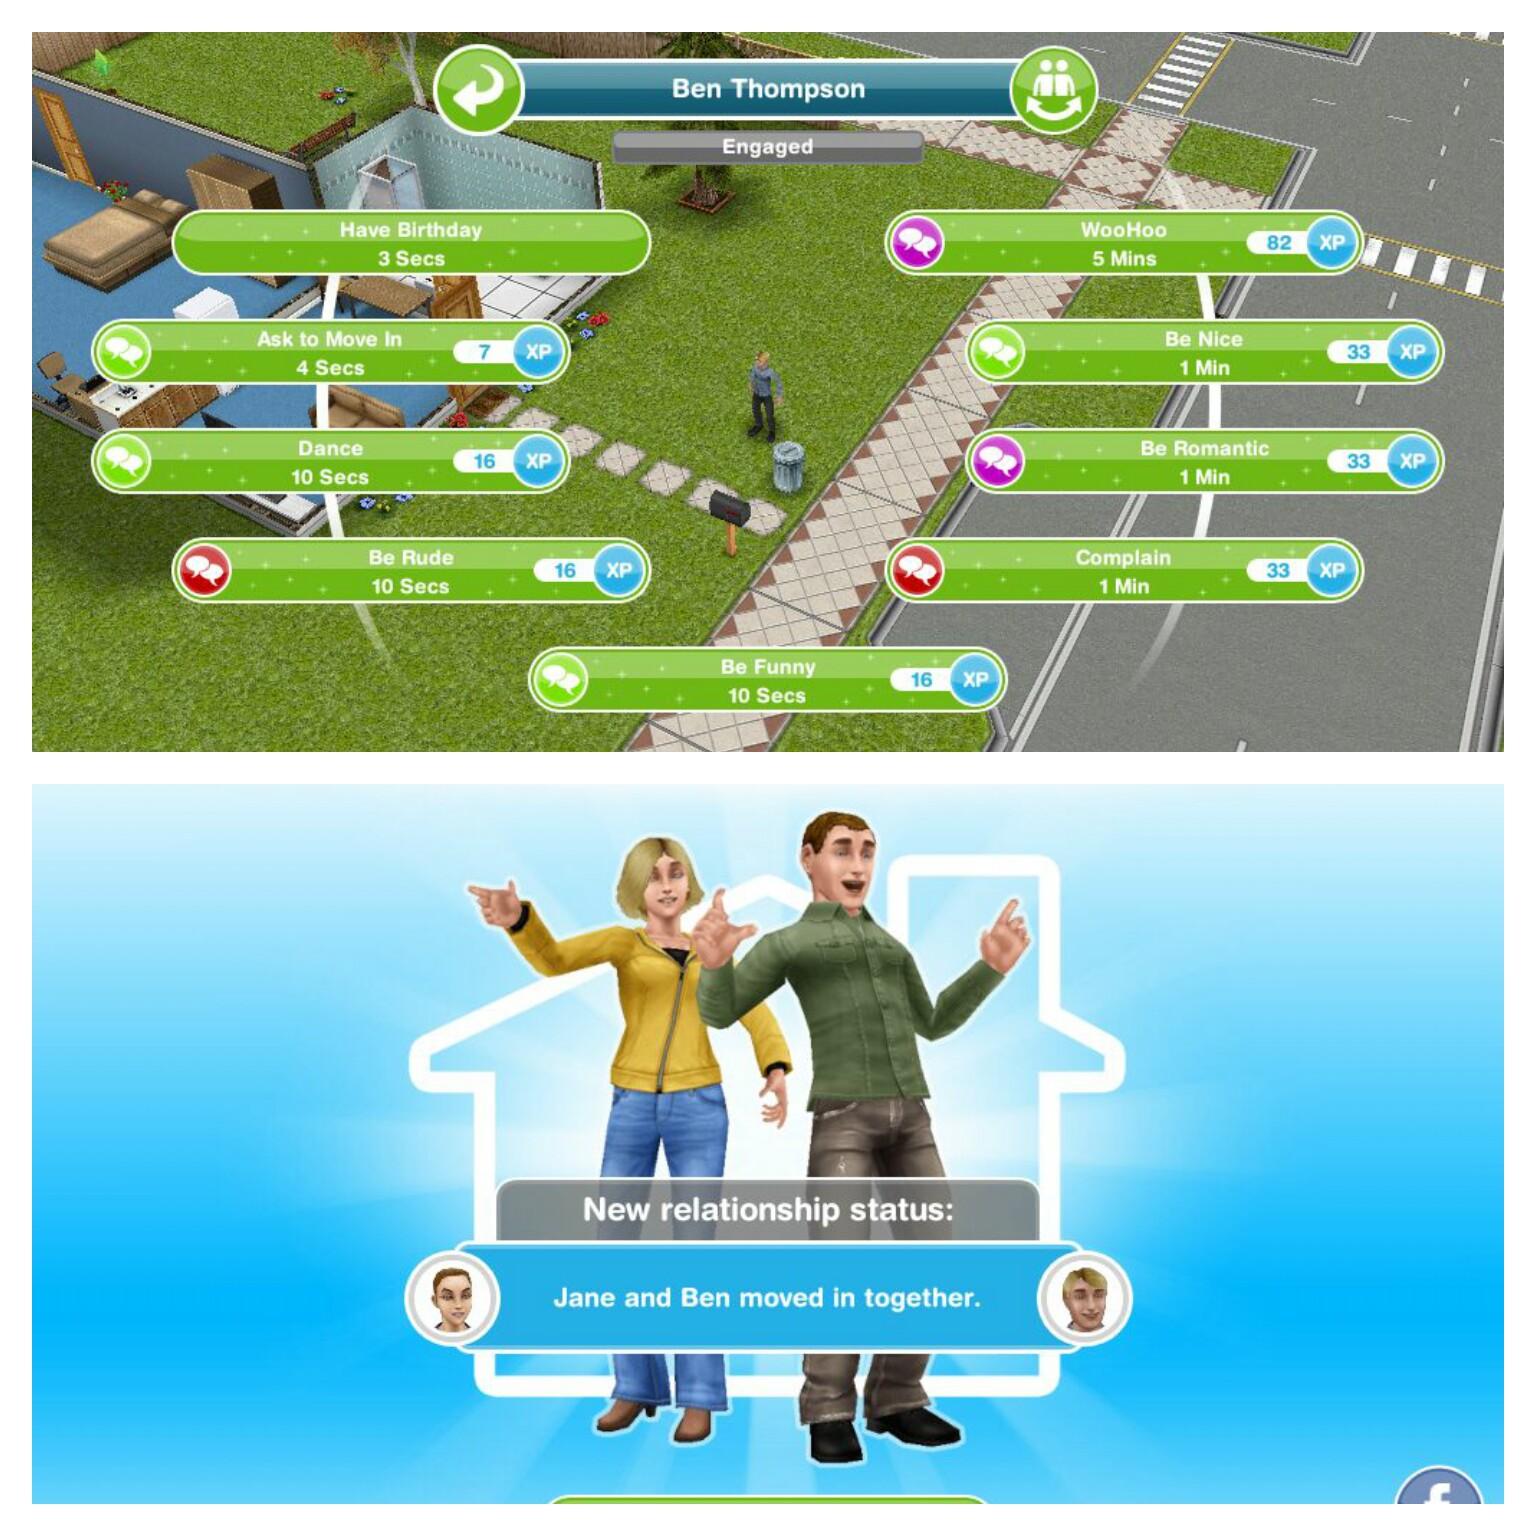 Sims freeplay graditi 2 dating odnose görevi